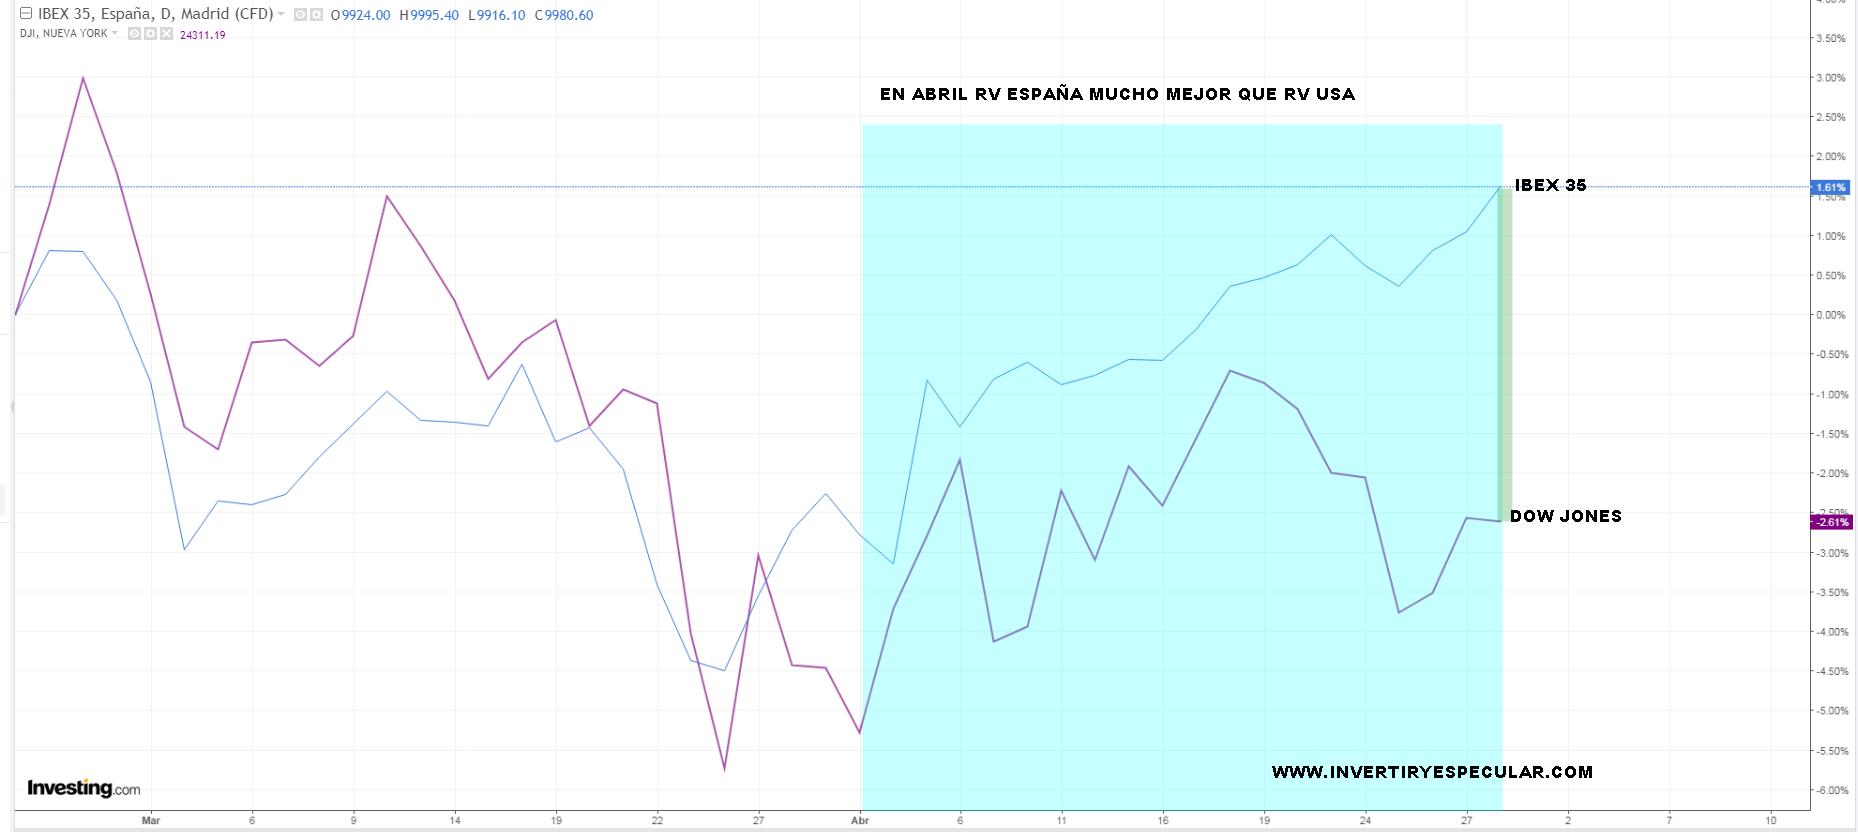 2-MAYO-IBEX-VS-DOW% - En abril mejor IBEX que Dow Jones